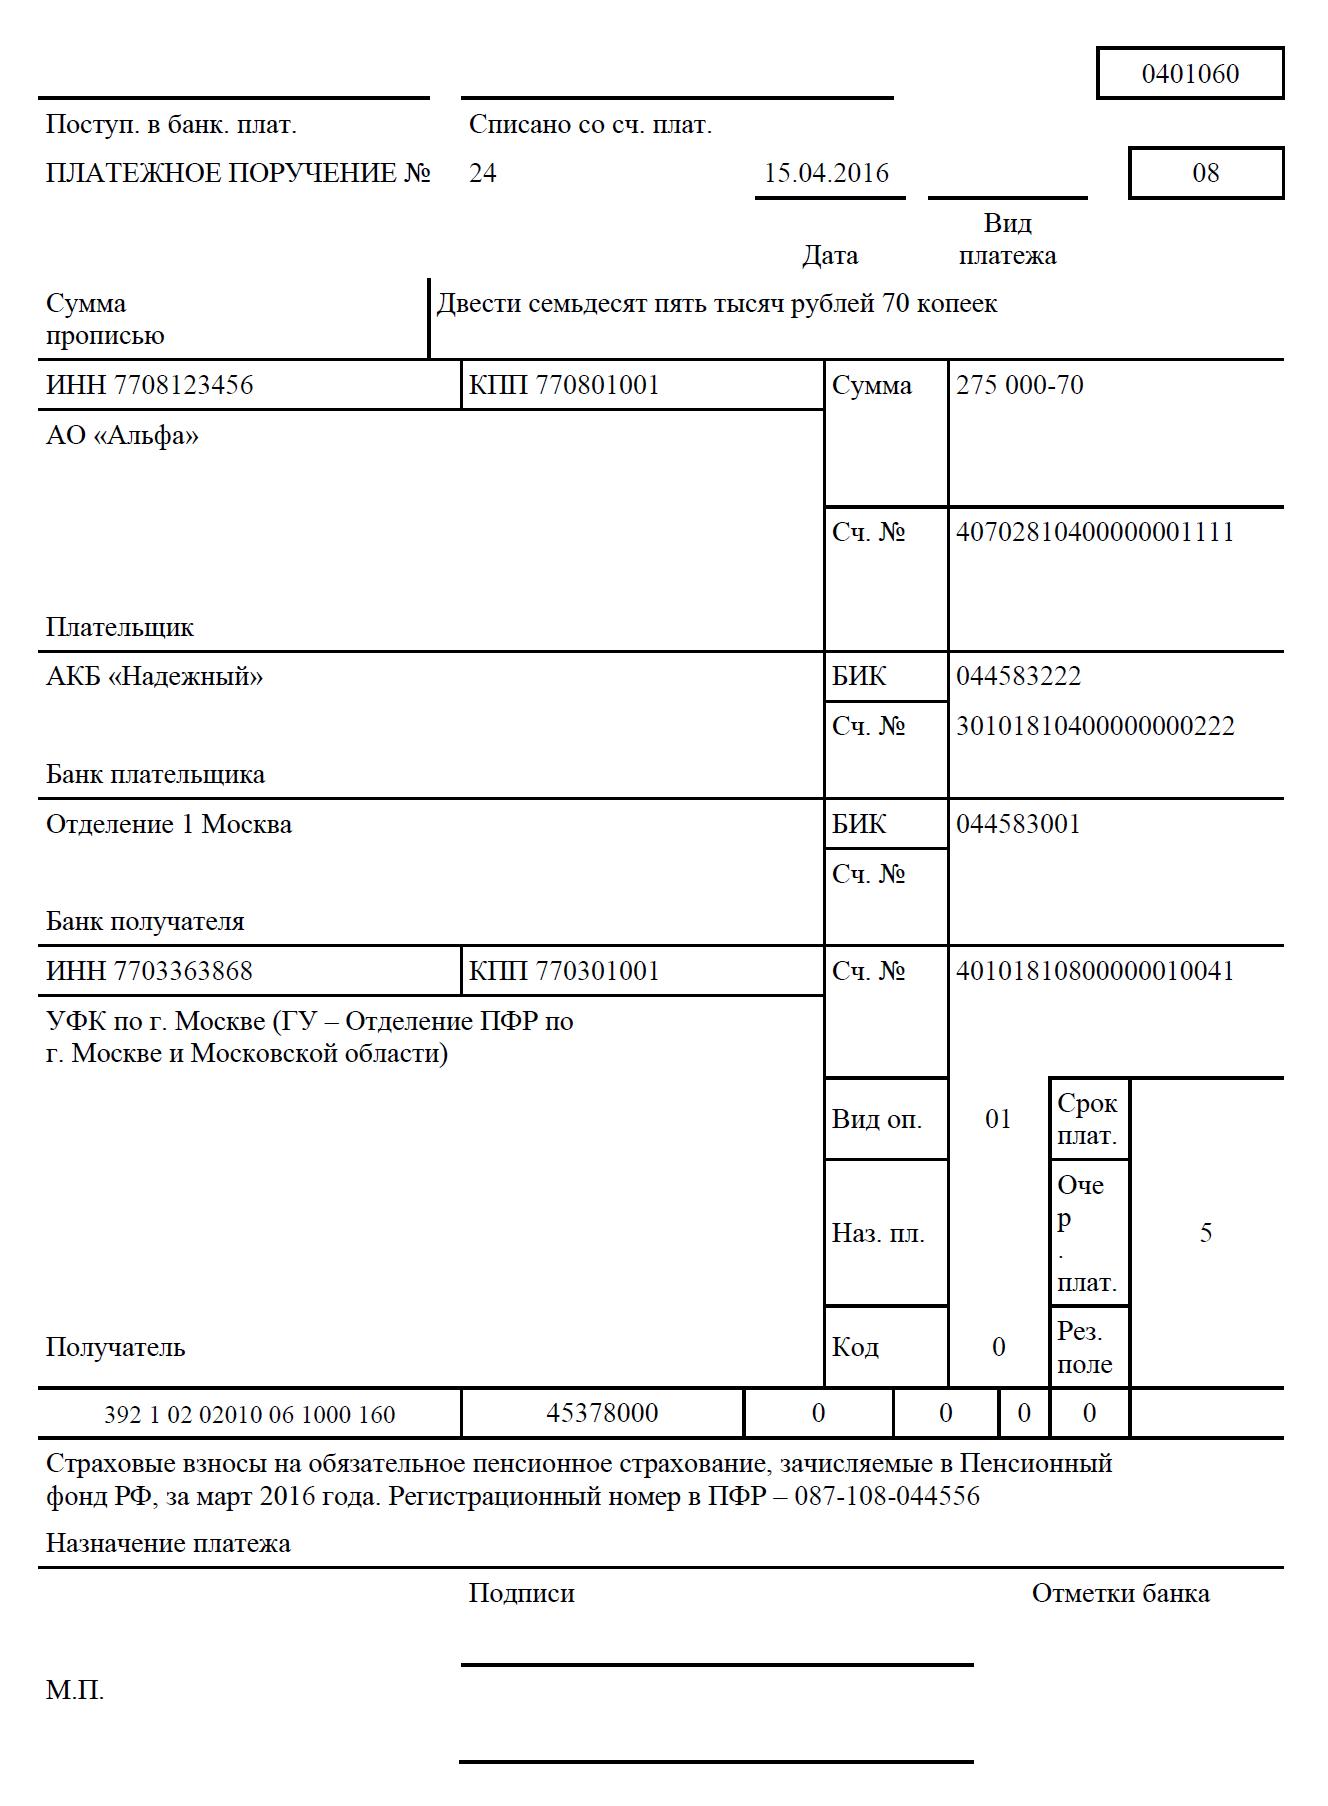 Заполнение платежных поручений в 2016году